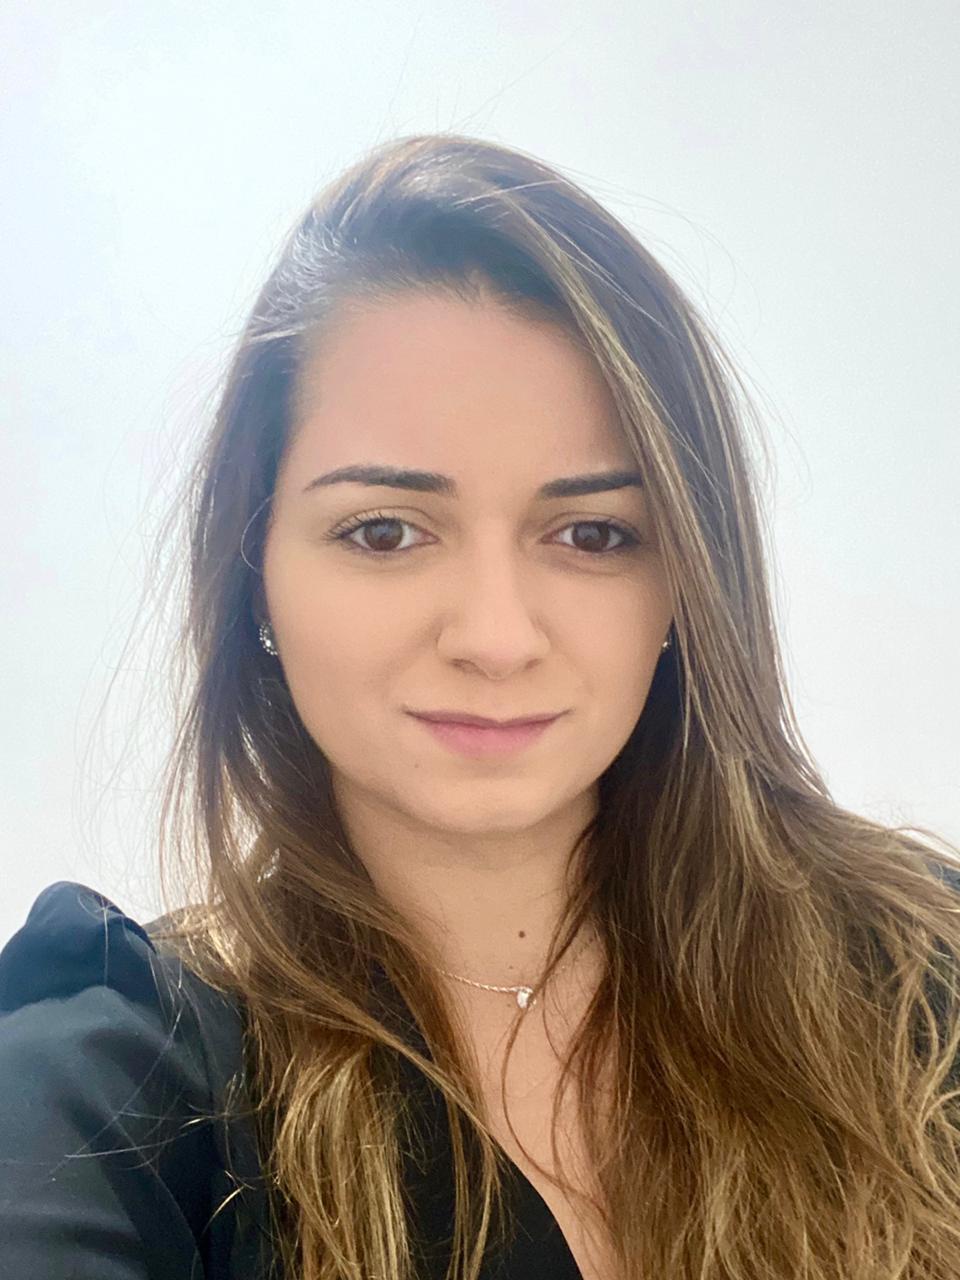 Mulher com cabelo castanho claro liso e blusa preta